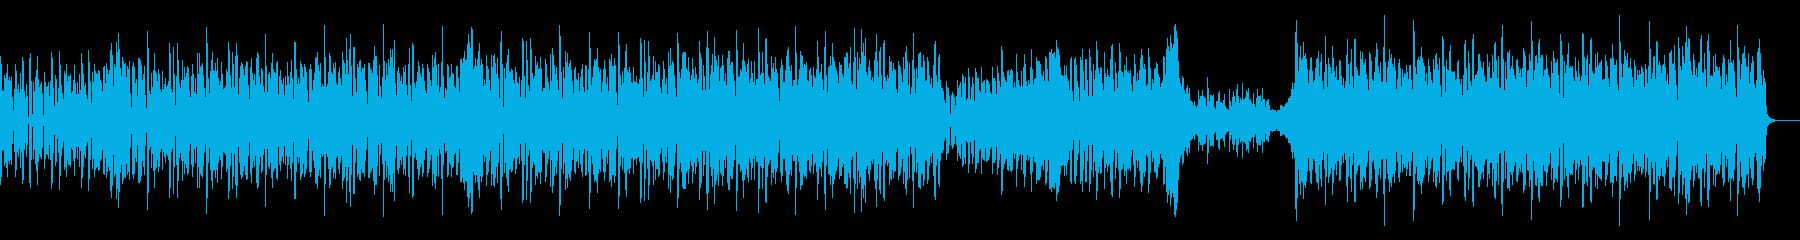 《バイオリンメイン》かっこいいEDMの再生済みの波形